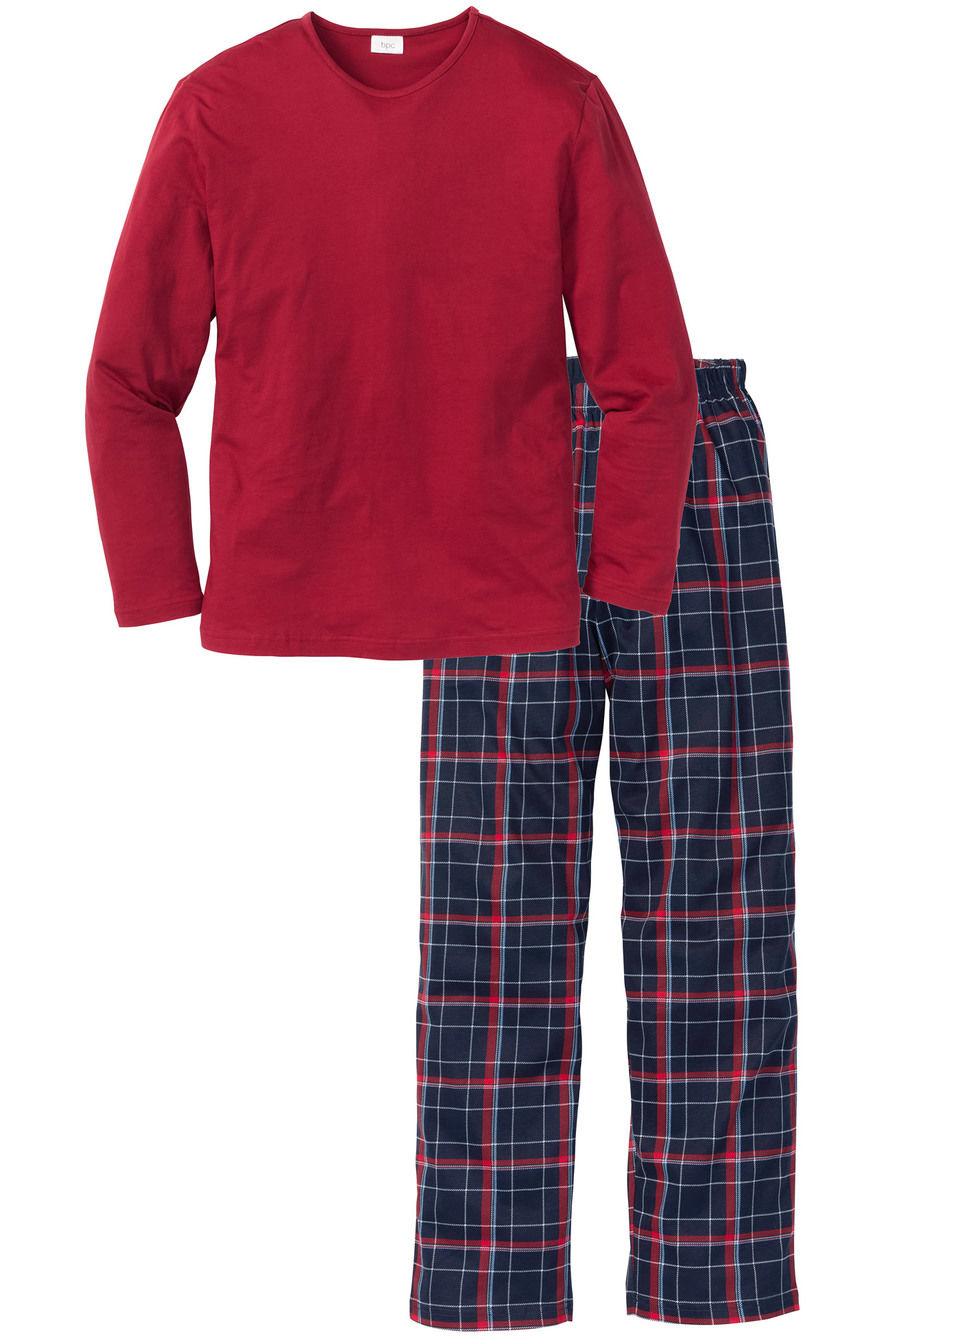 Купить Пижамы, Пижама, bonprix, красный в клетку